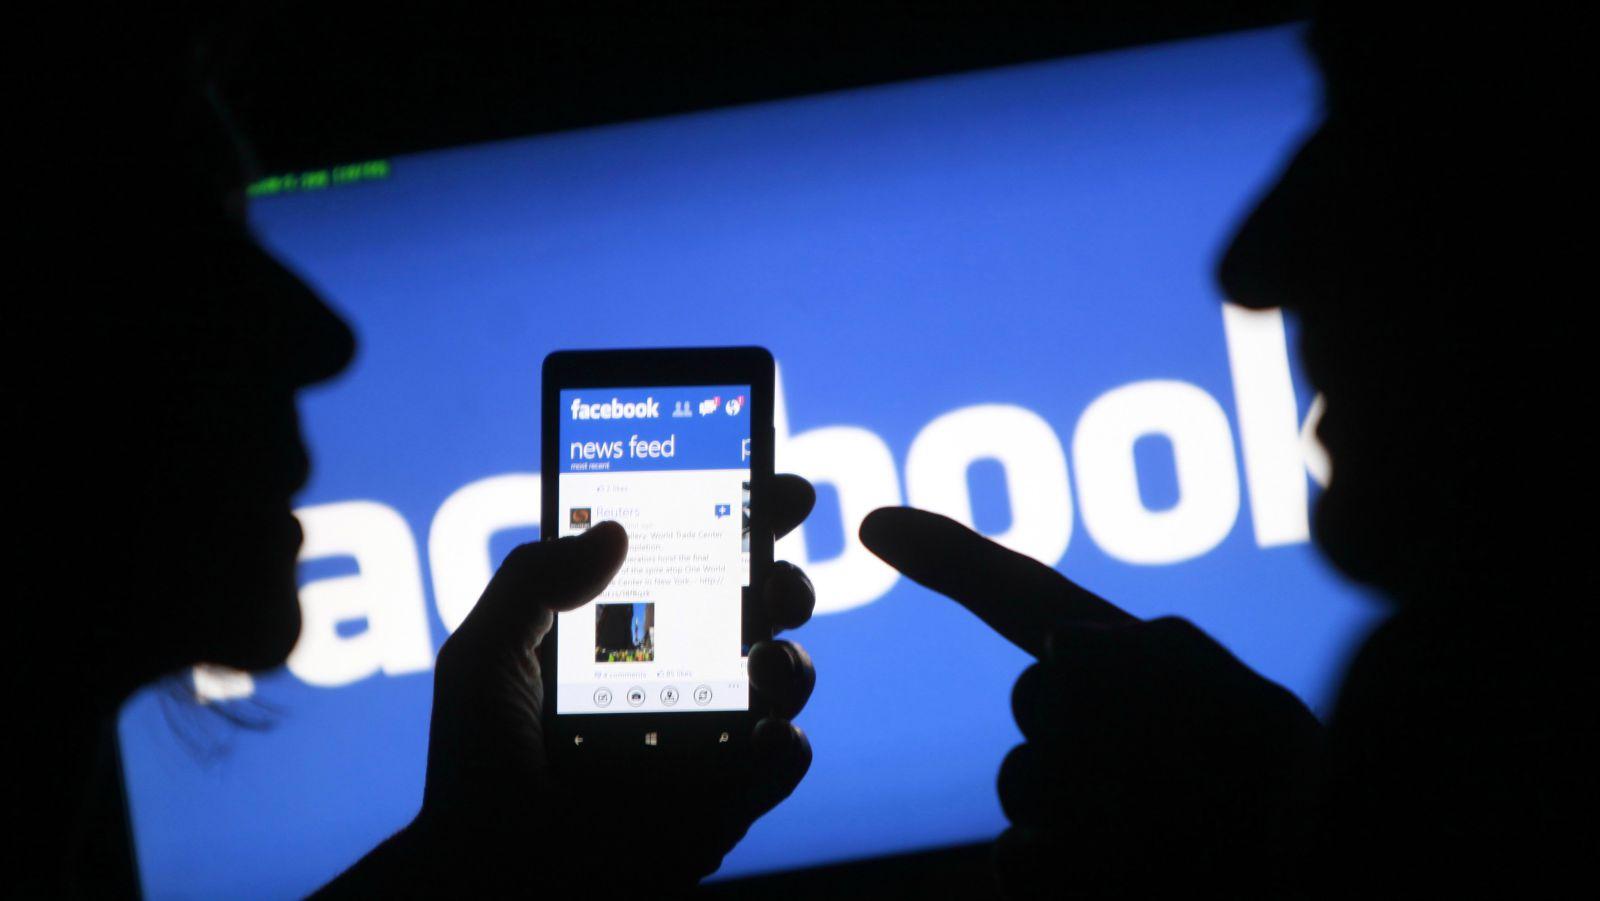 Hack Facebook page